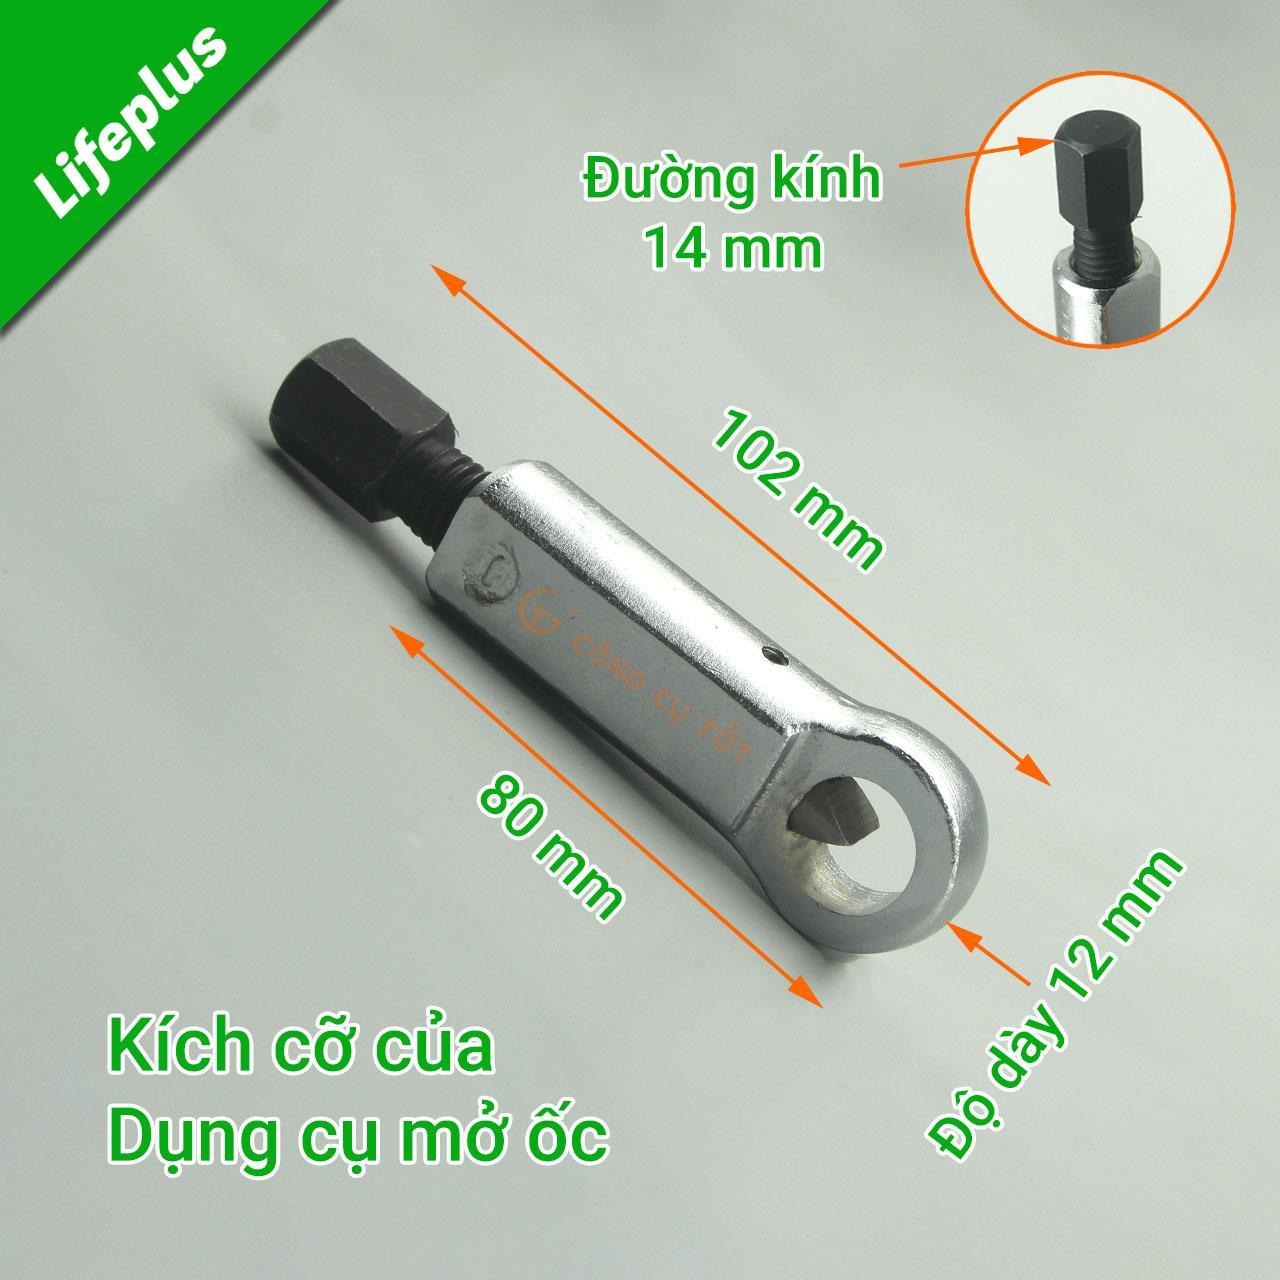 Dụng cụ mở ốc vít gỉ sét 12-16mm